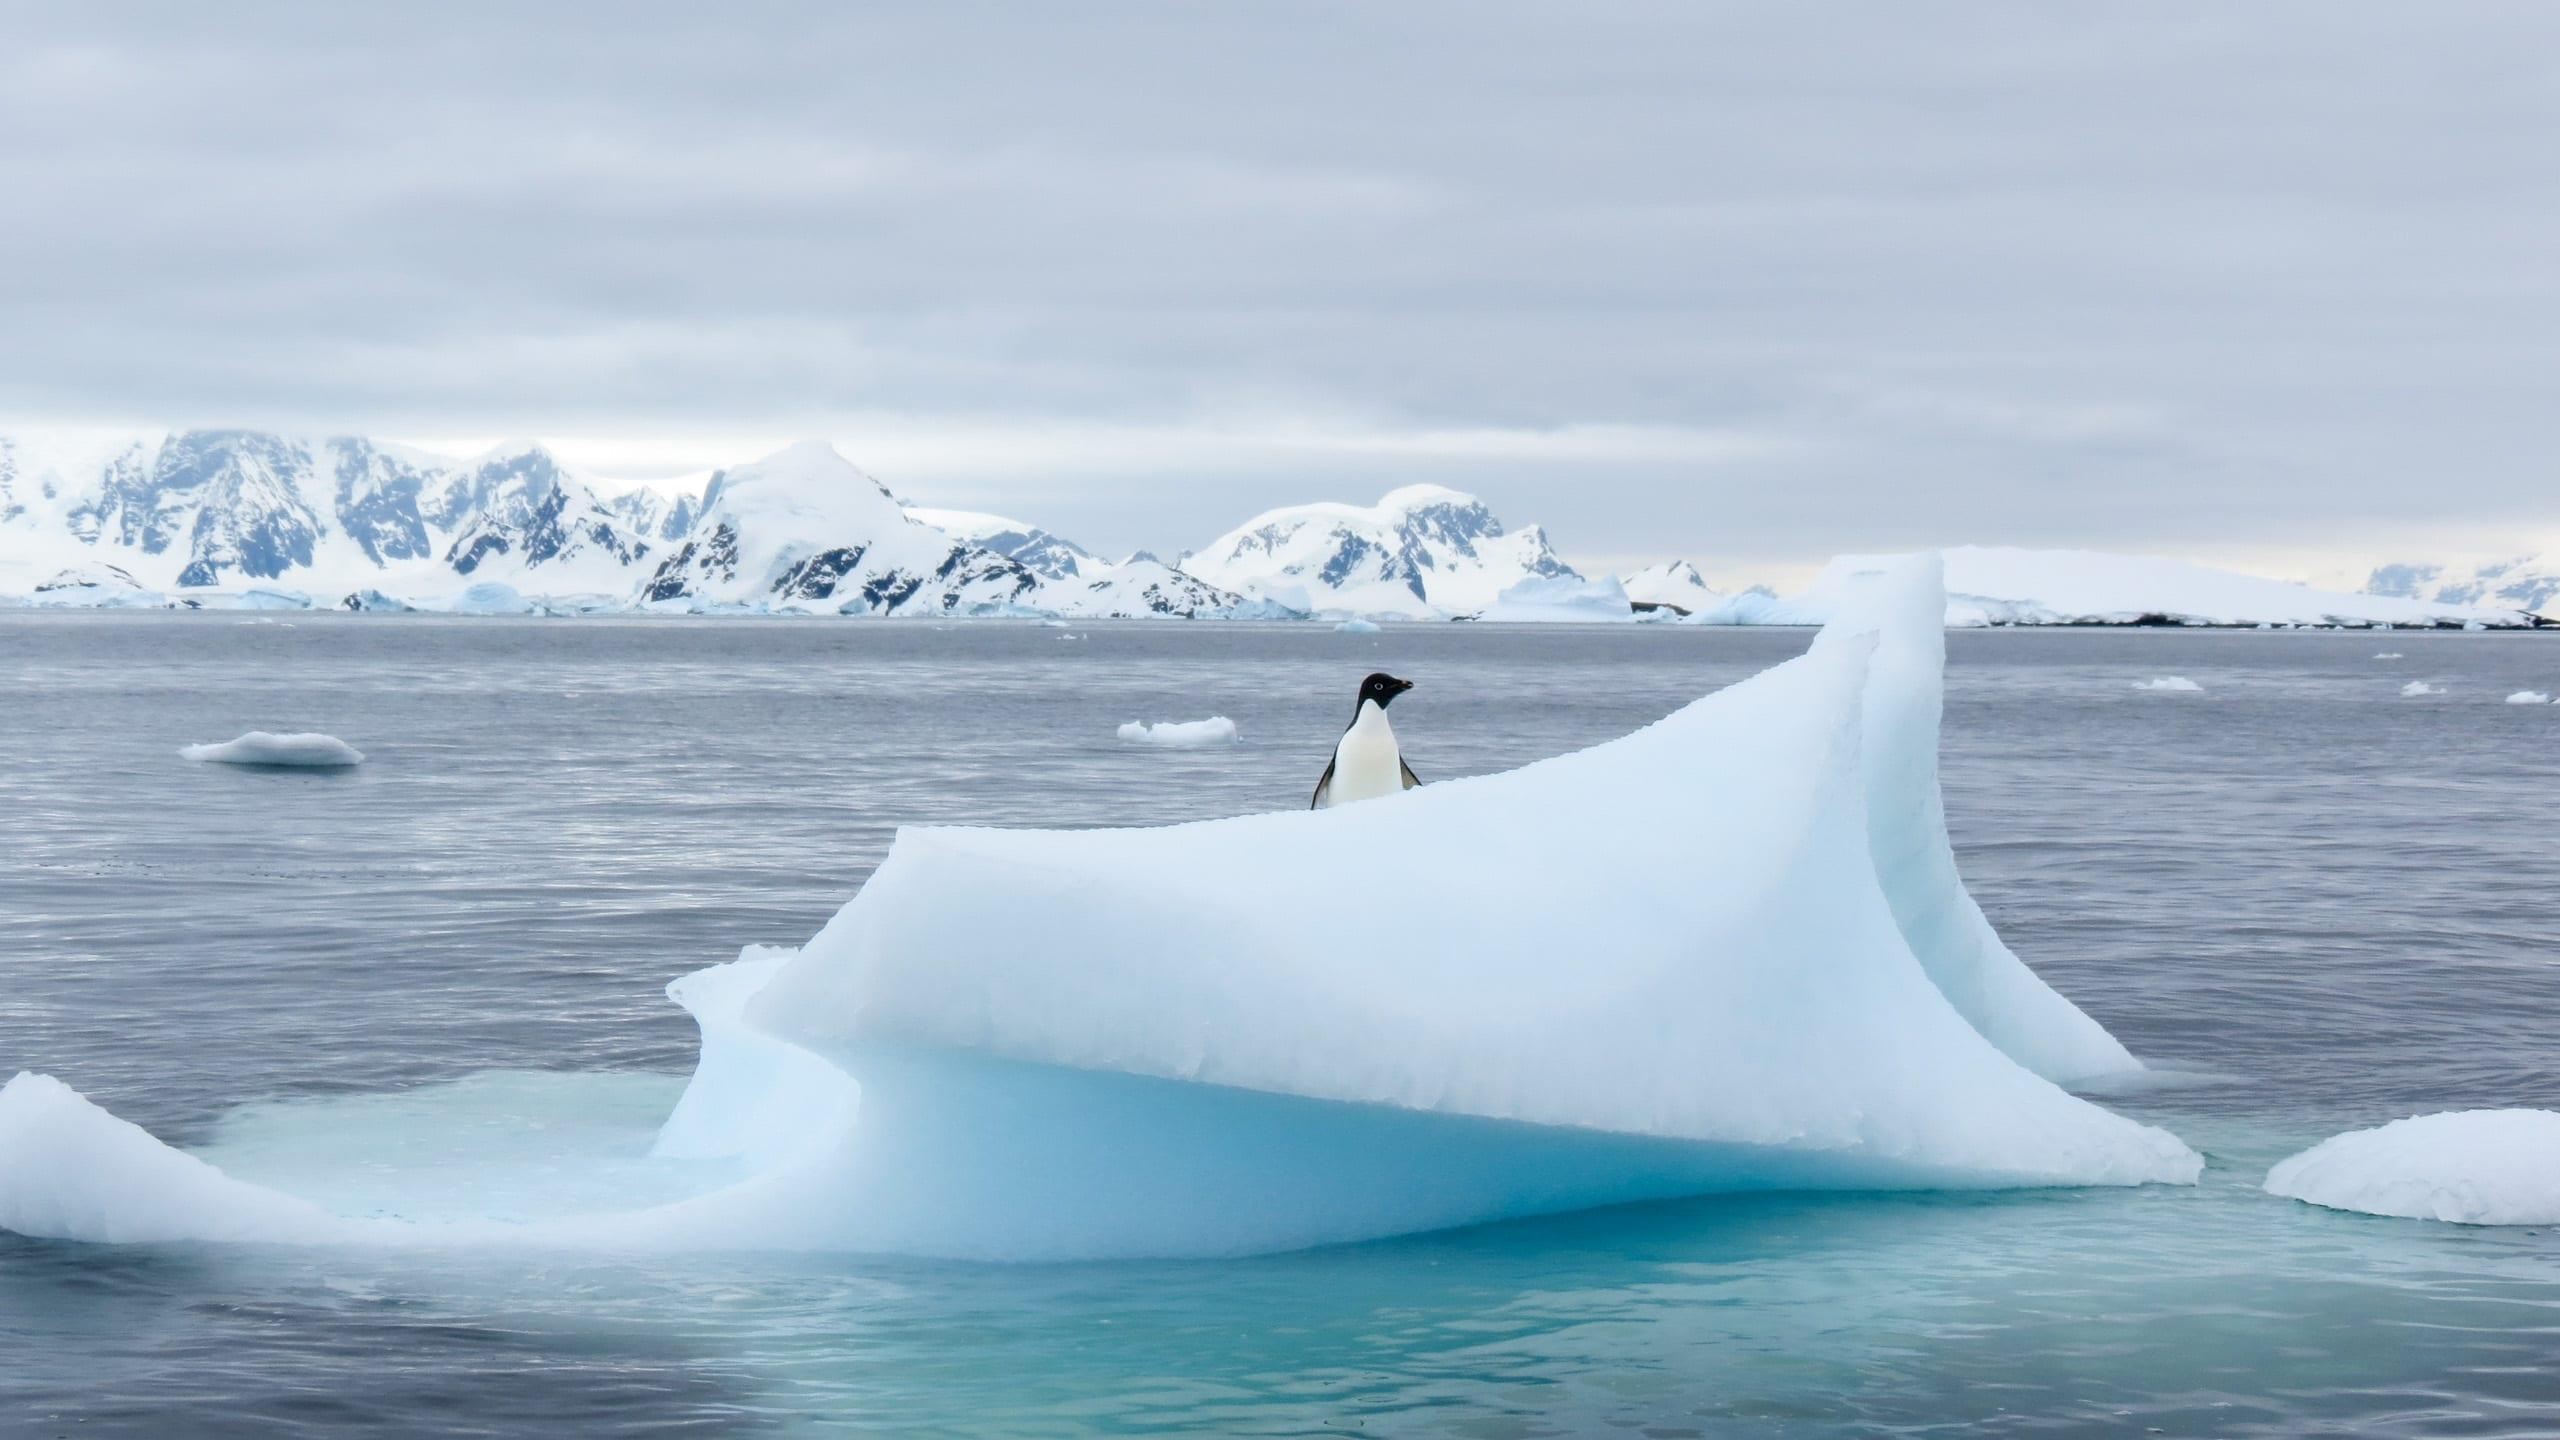 Penguin looks from iceberg